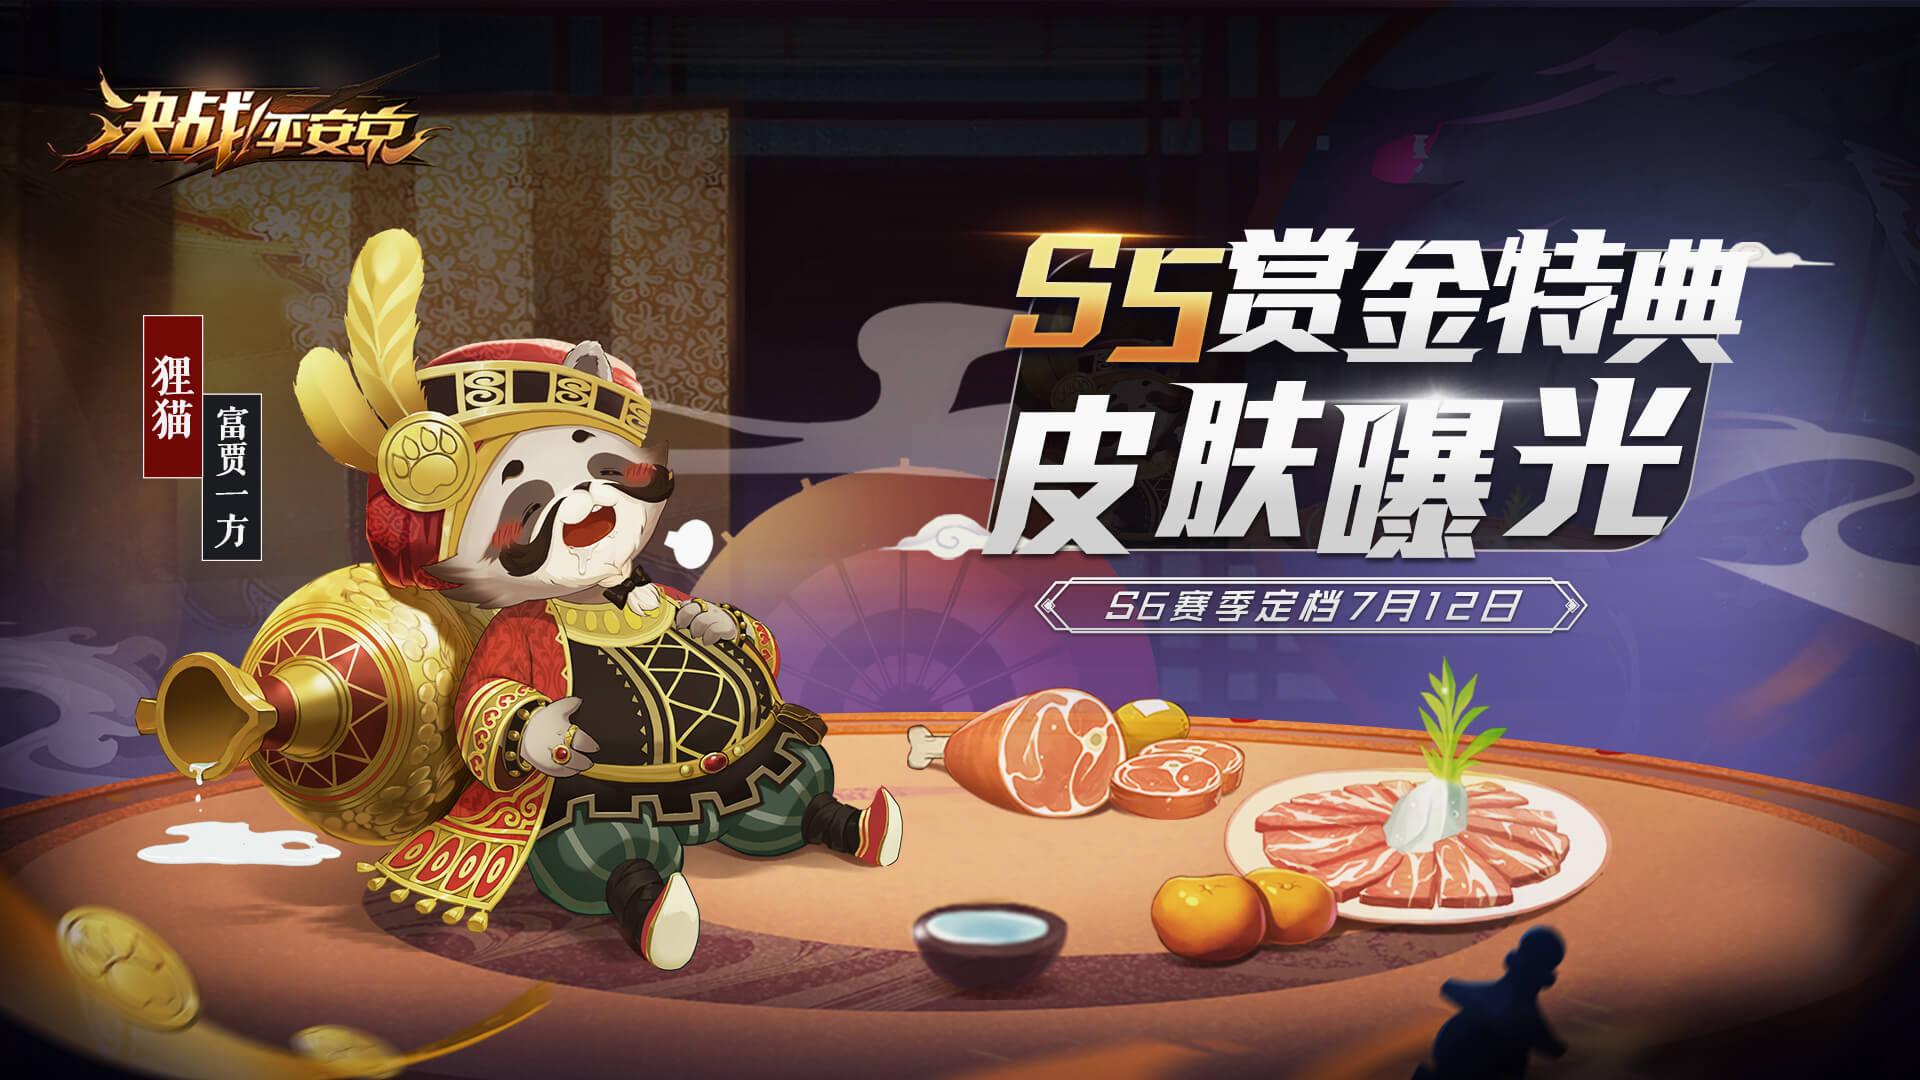 彩票网站源码jsp,《决战!平安京》S6赛季定档7月12日 S5赏金特典皮肤曝光!